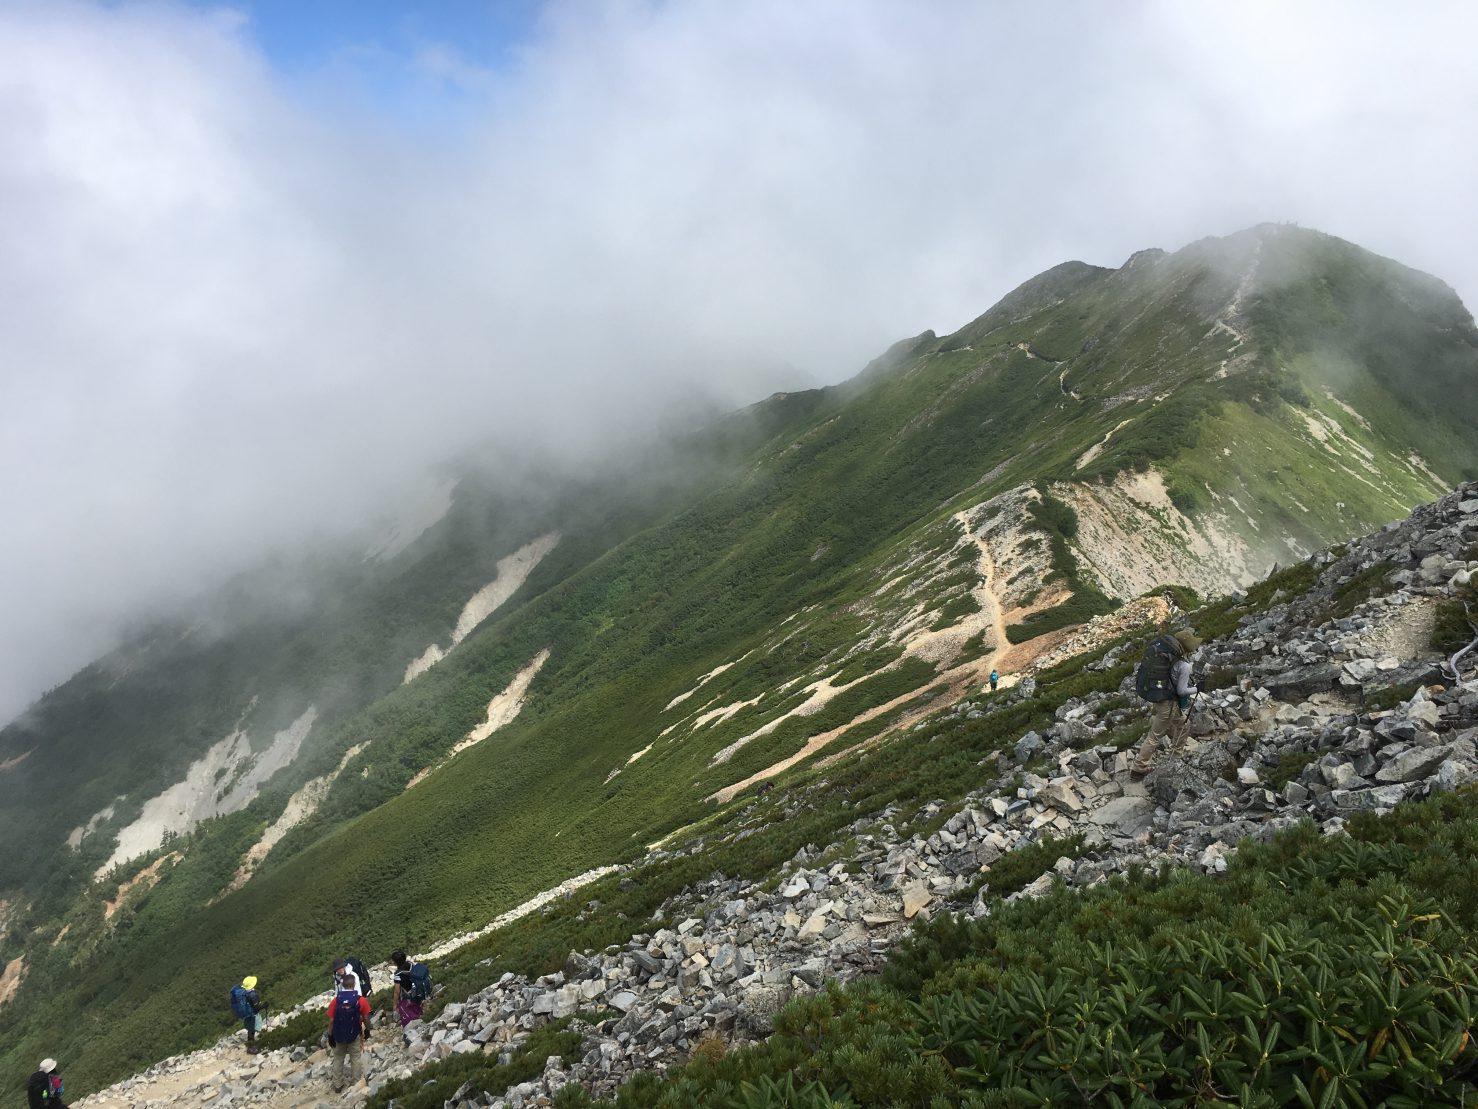 山頂時々晴れ、4年生常に休憩